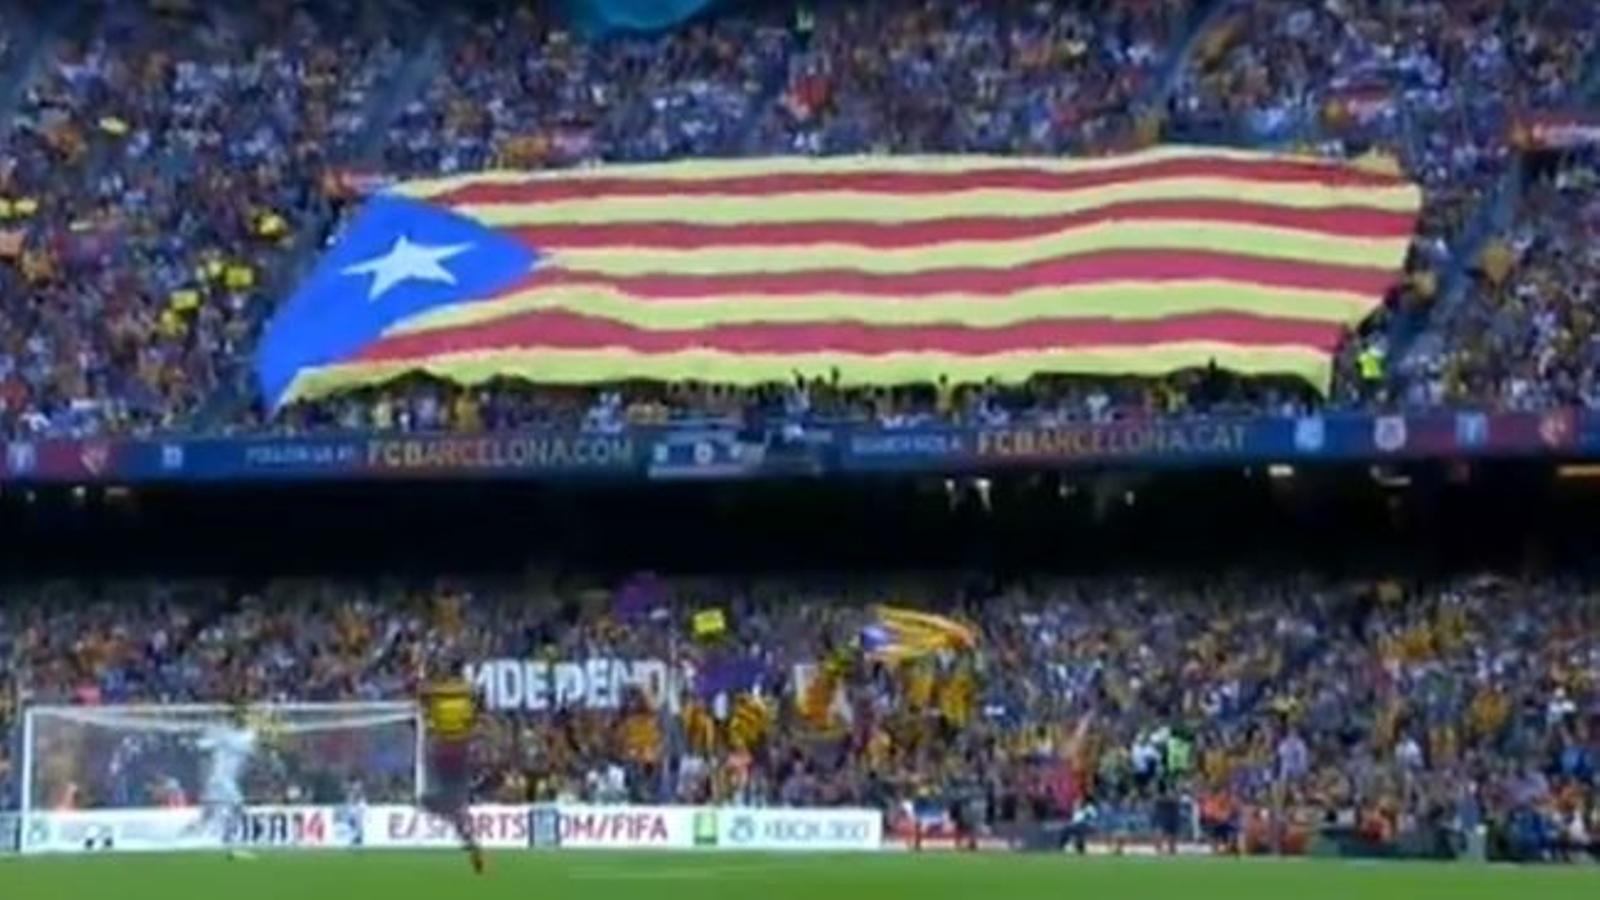 El Camp Nou esclata a favor de la independència